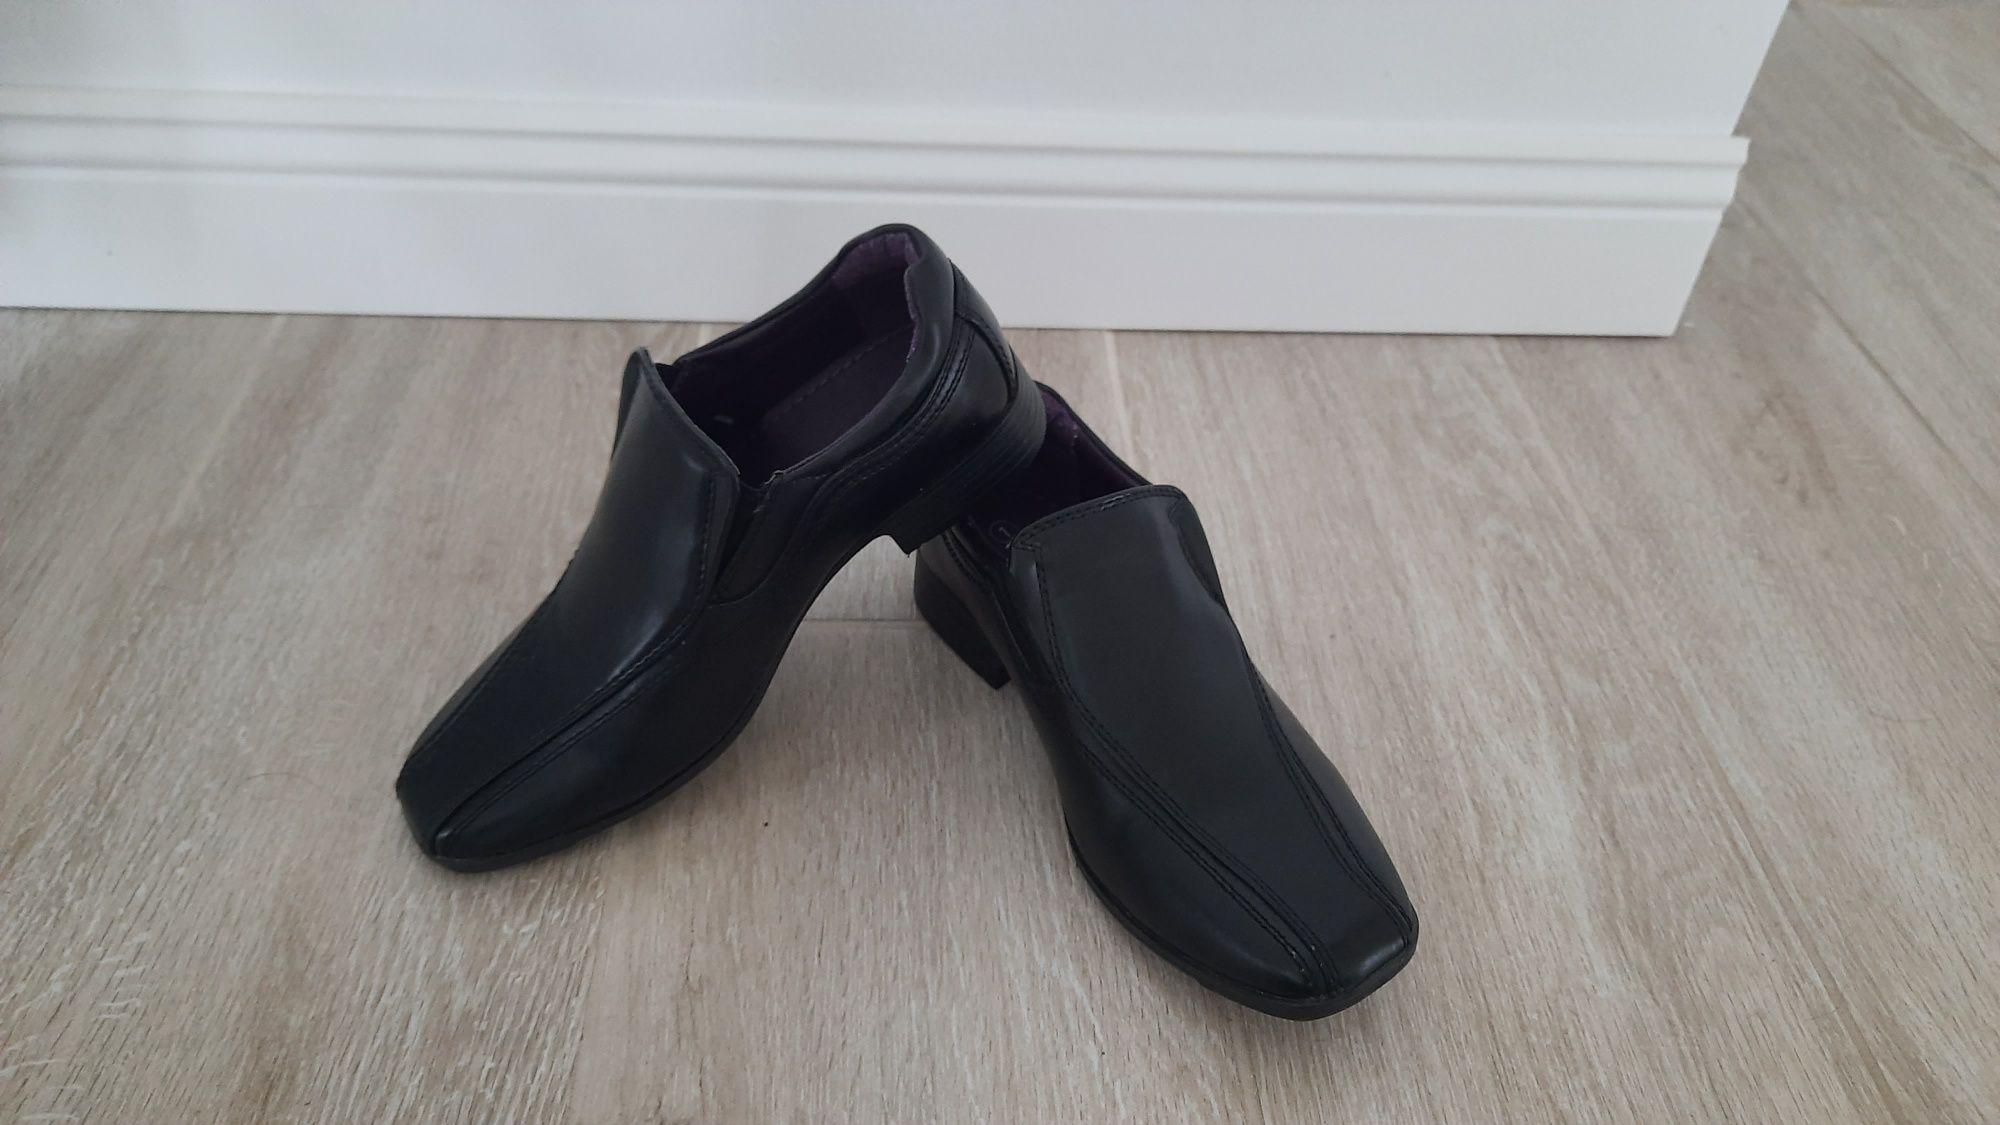 Buty chłopięce czarne, eleganckie, do garnituru, r. 34/35